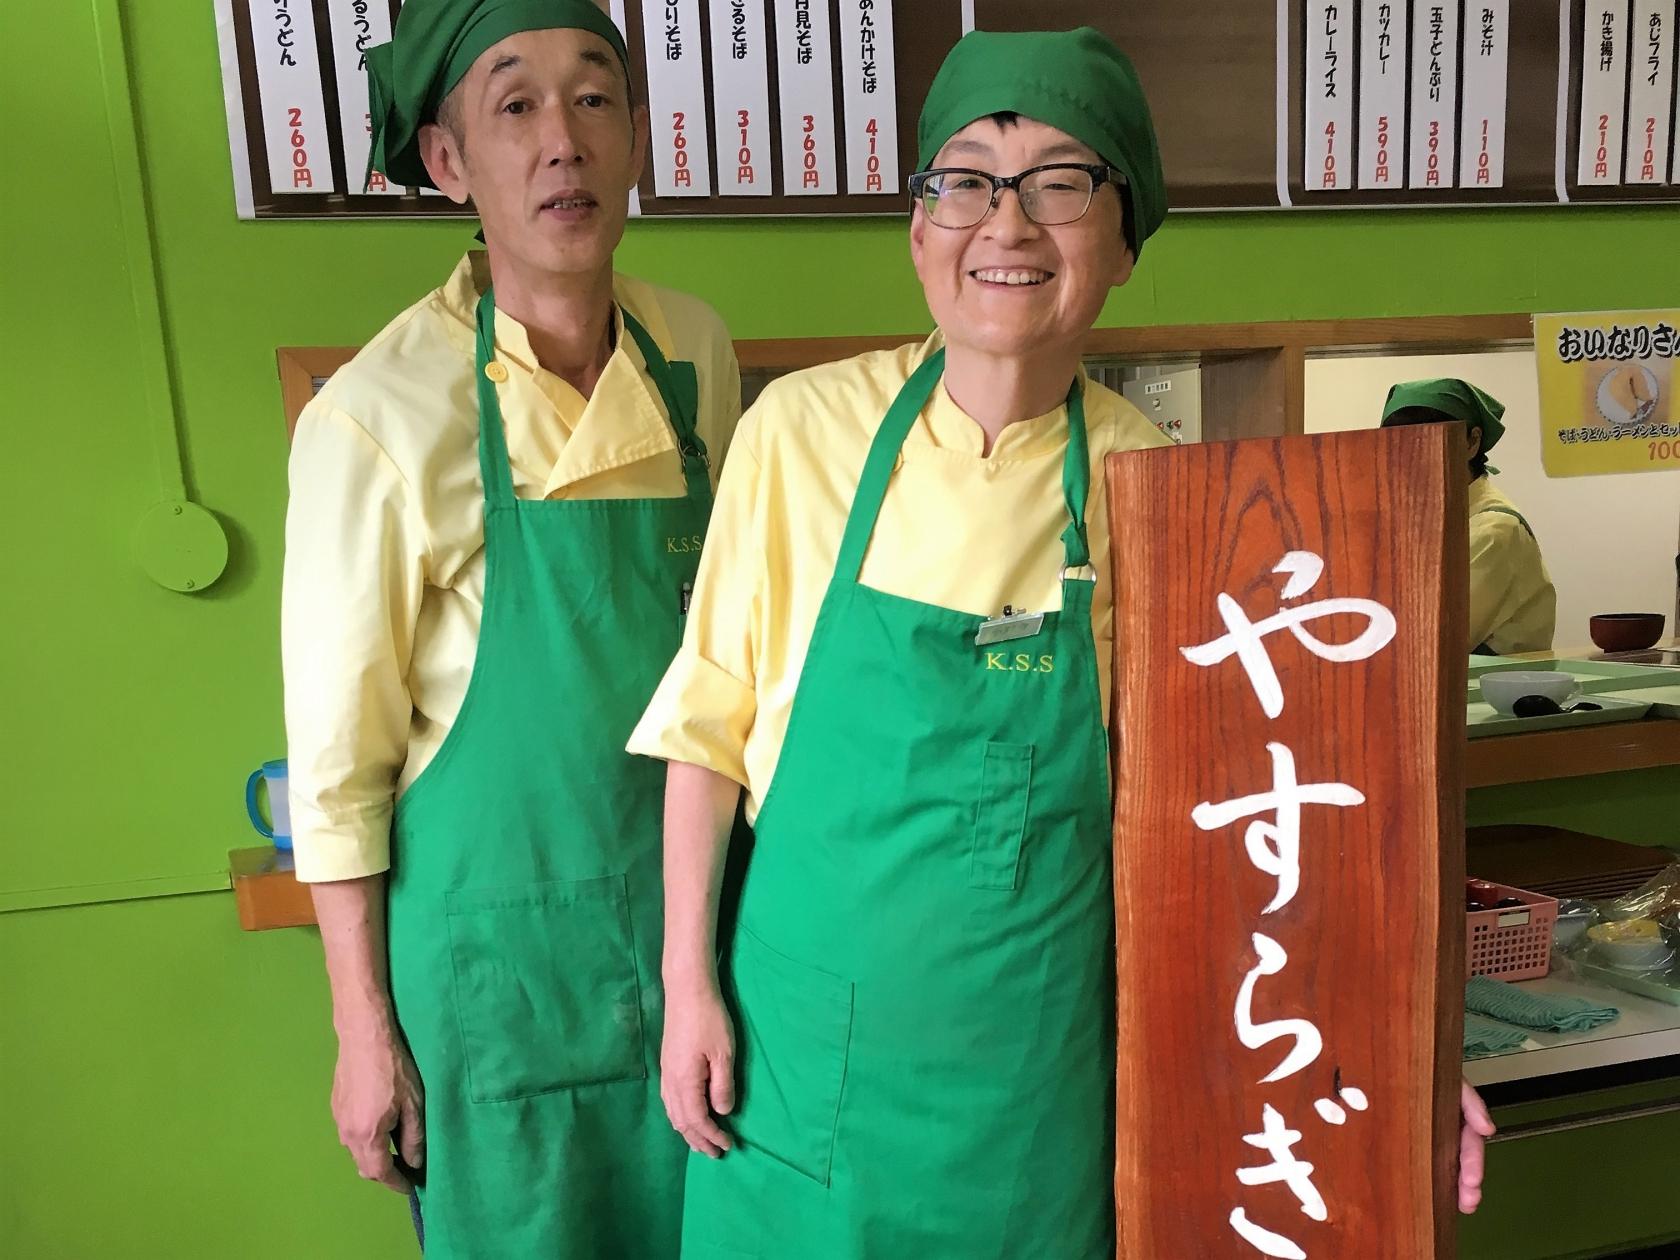 厨房で働くスタッフの写真